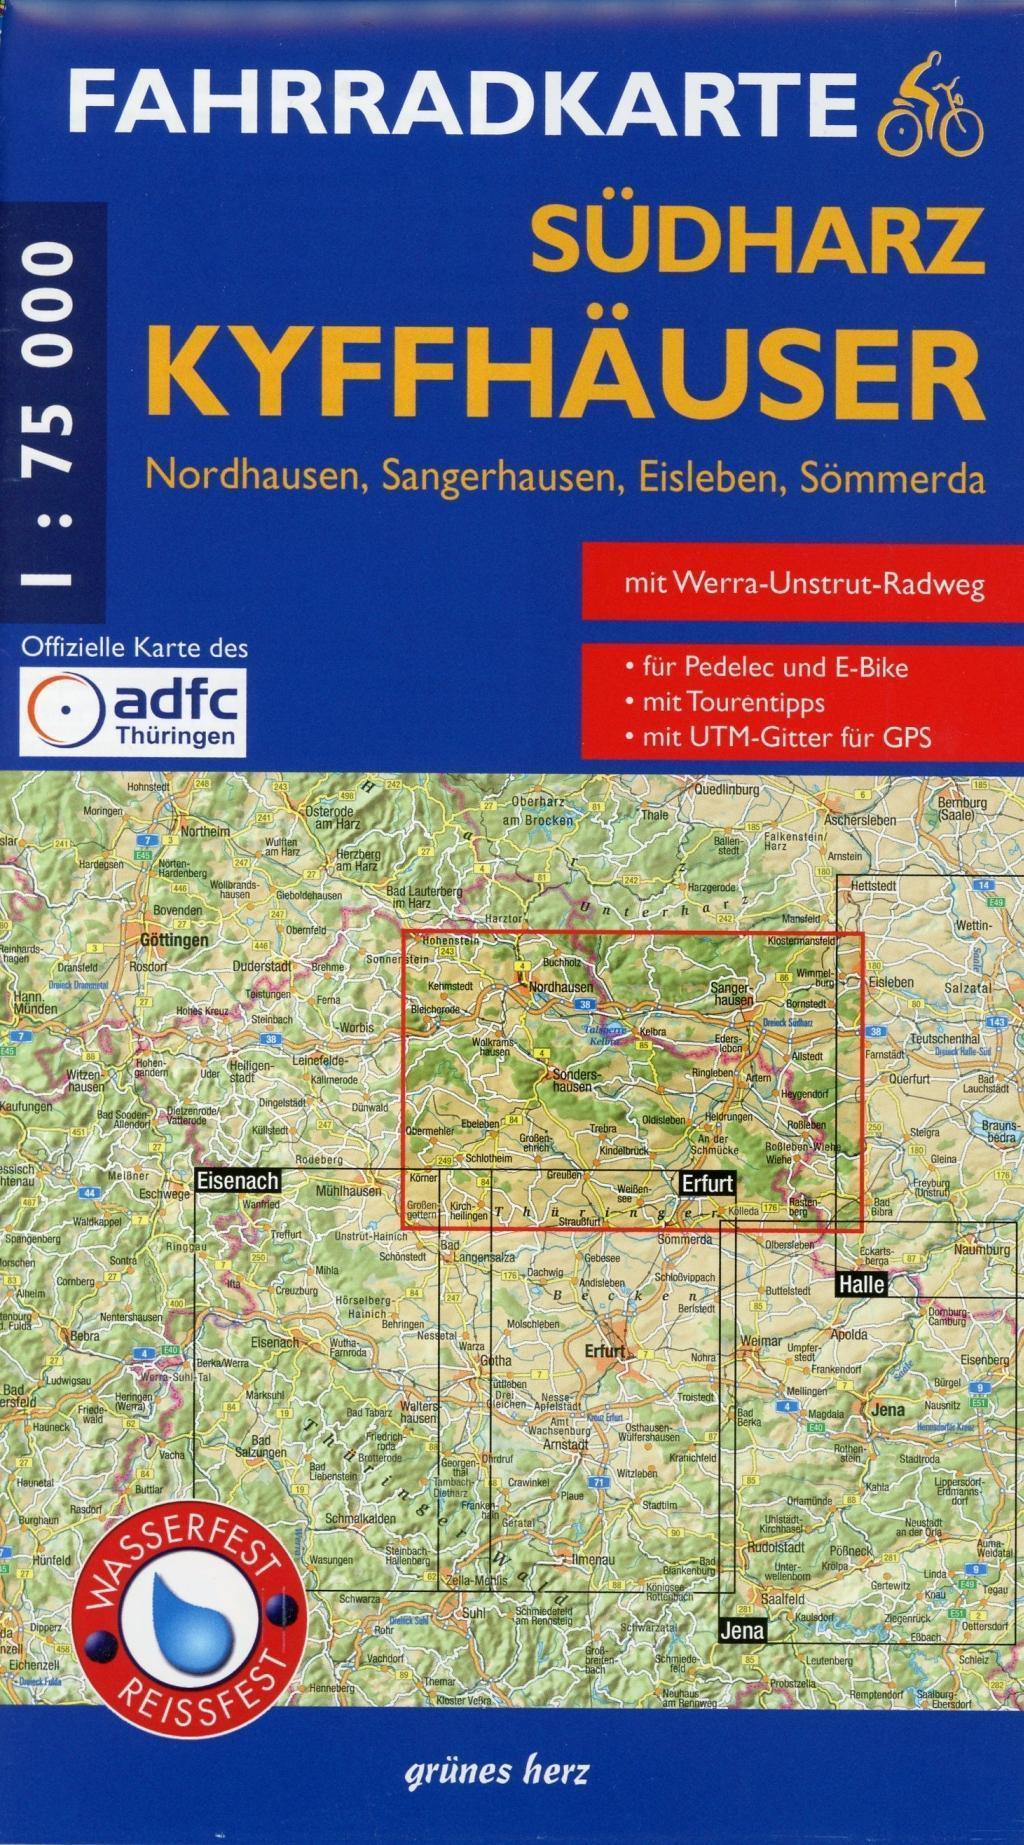 ADFC Radtourenkarte 22 Fränkische Alb Altmühltal 1:150.000